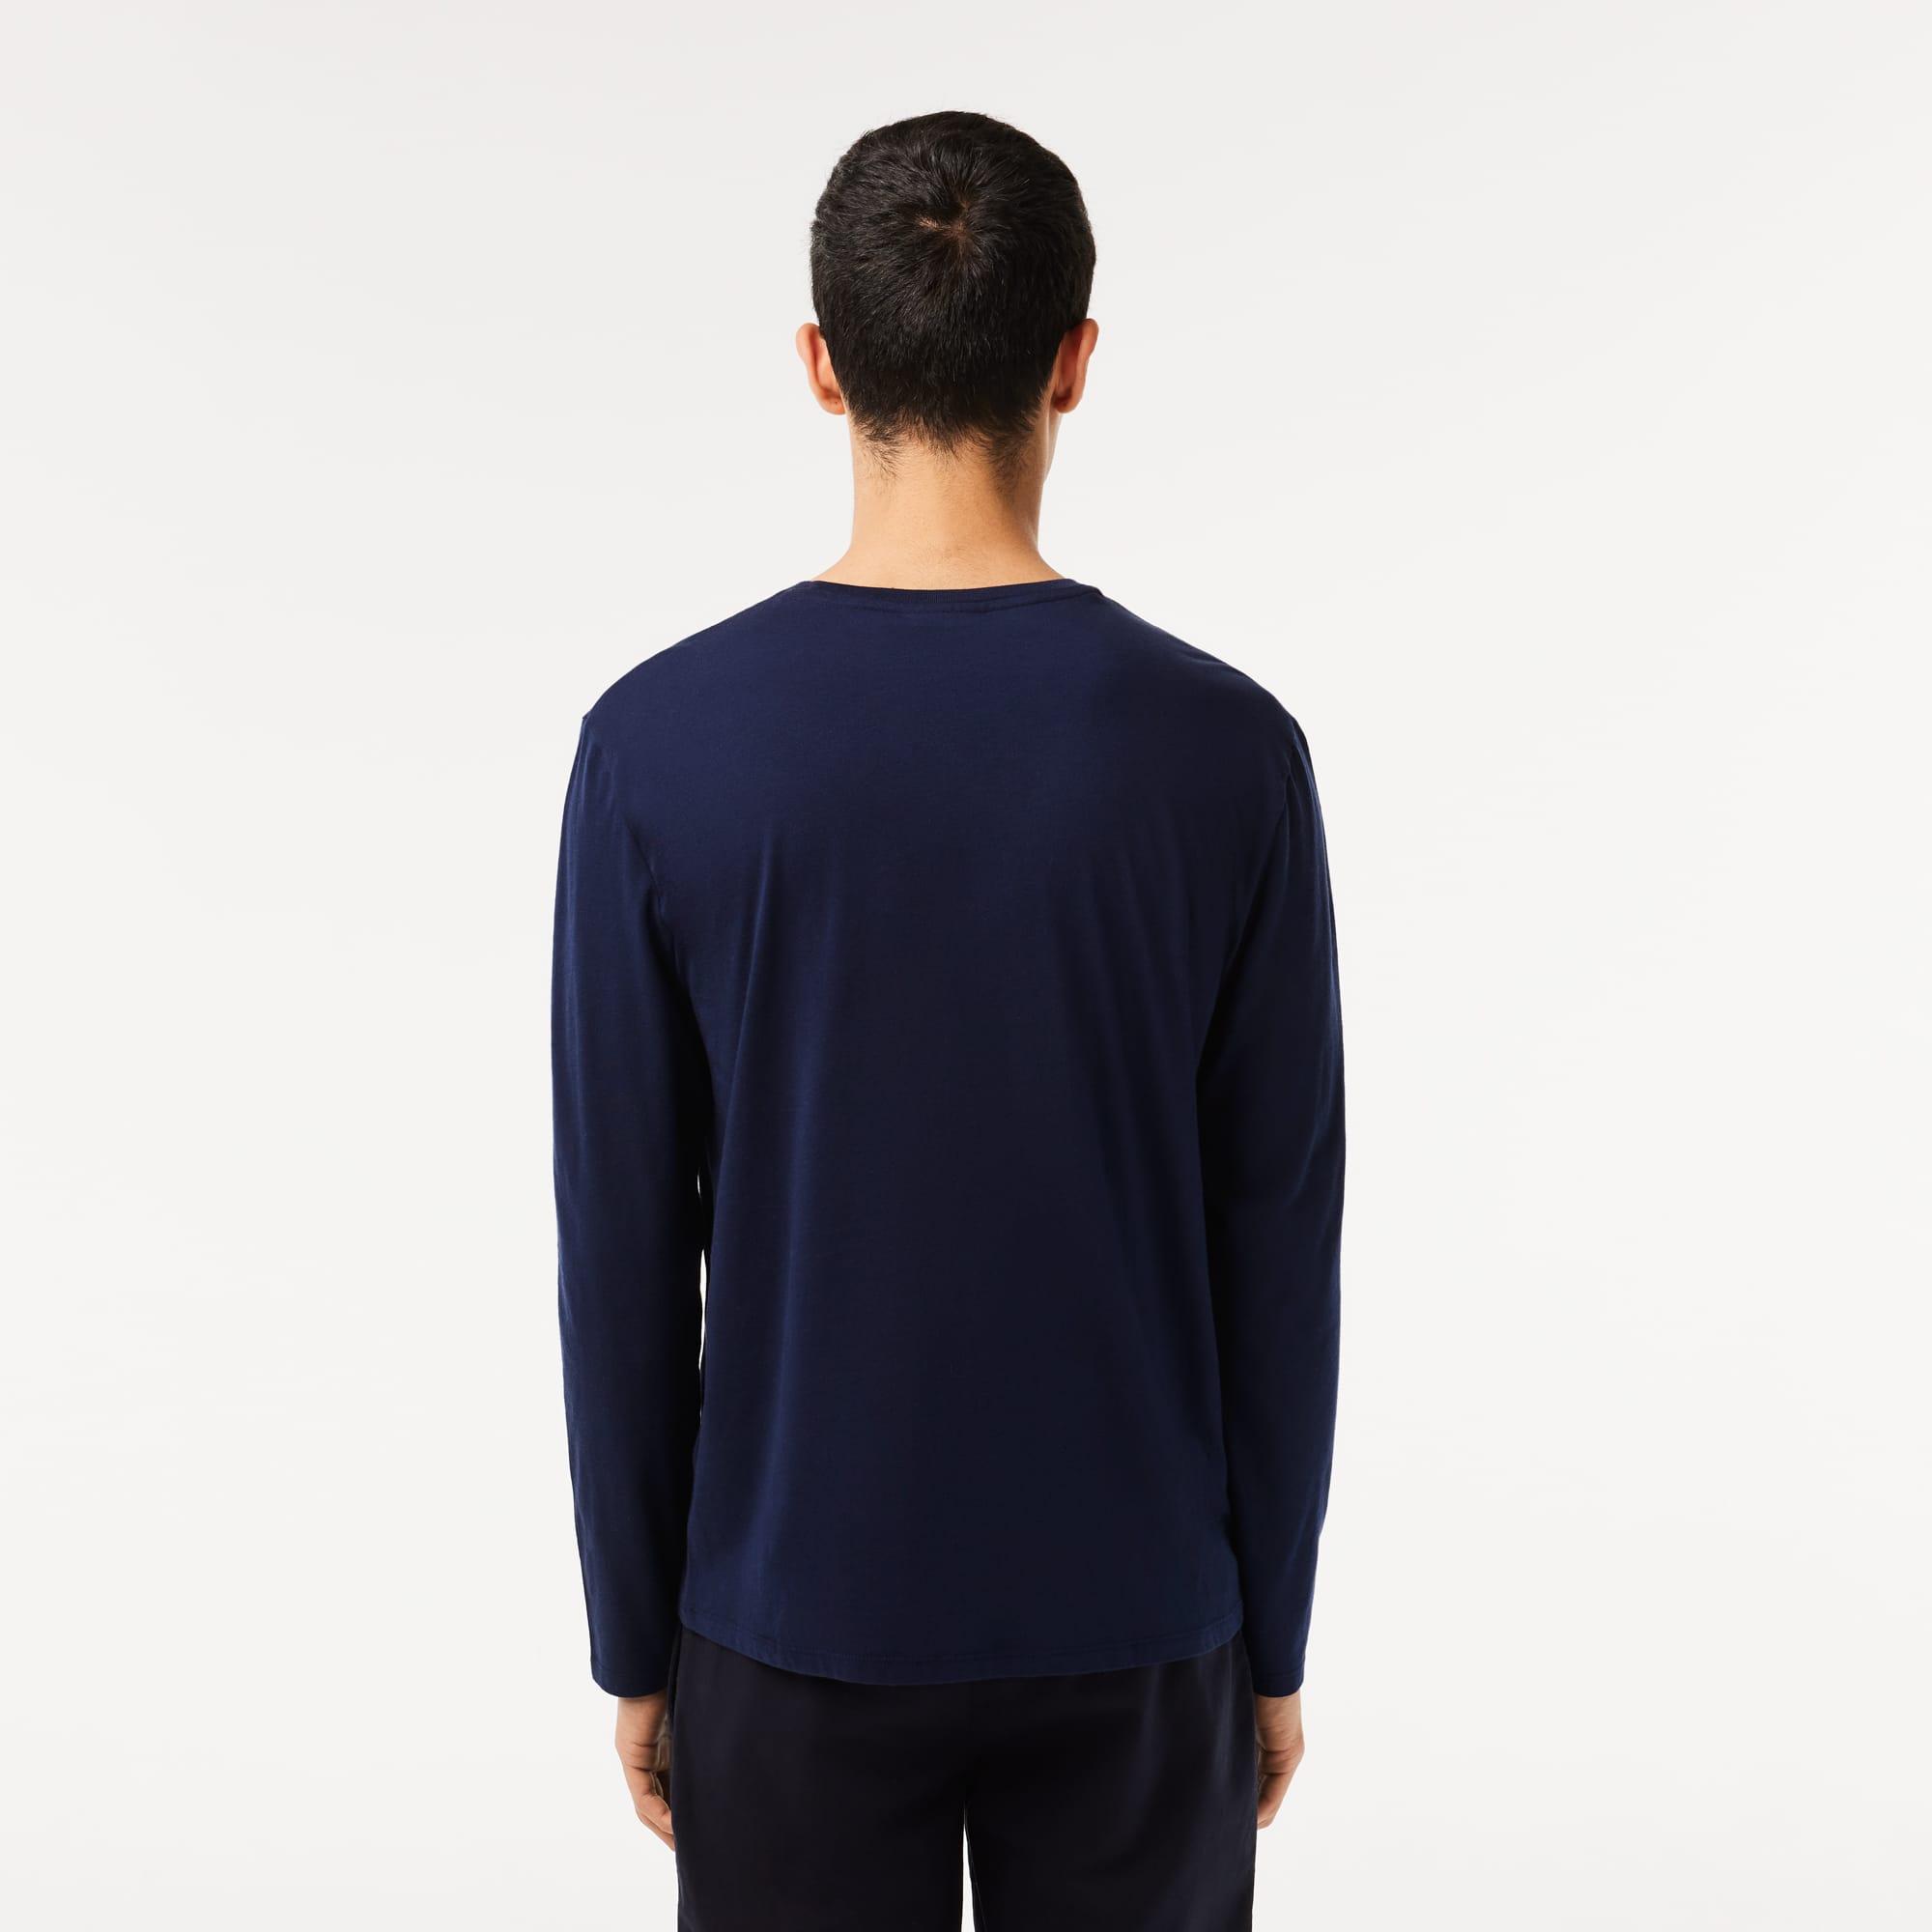 Lacoste - T-shirt col rond en jersey de coton pima uni - 2